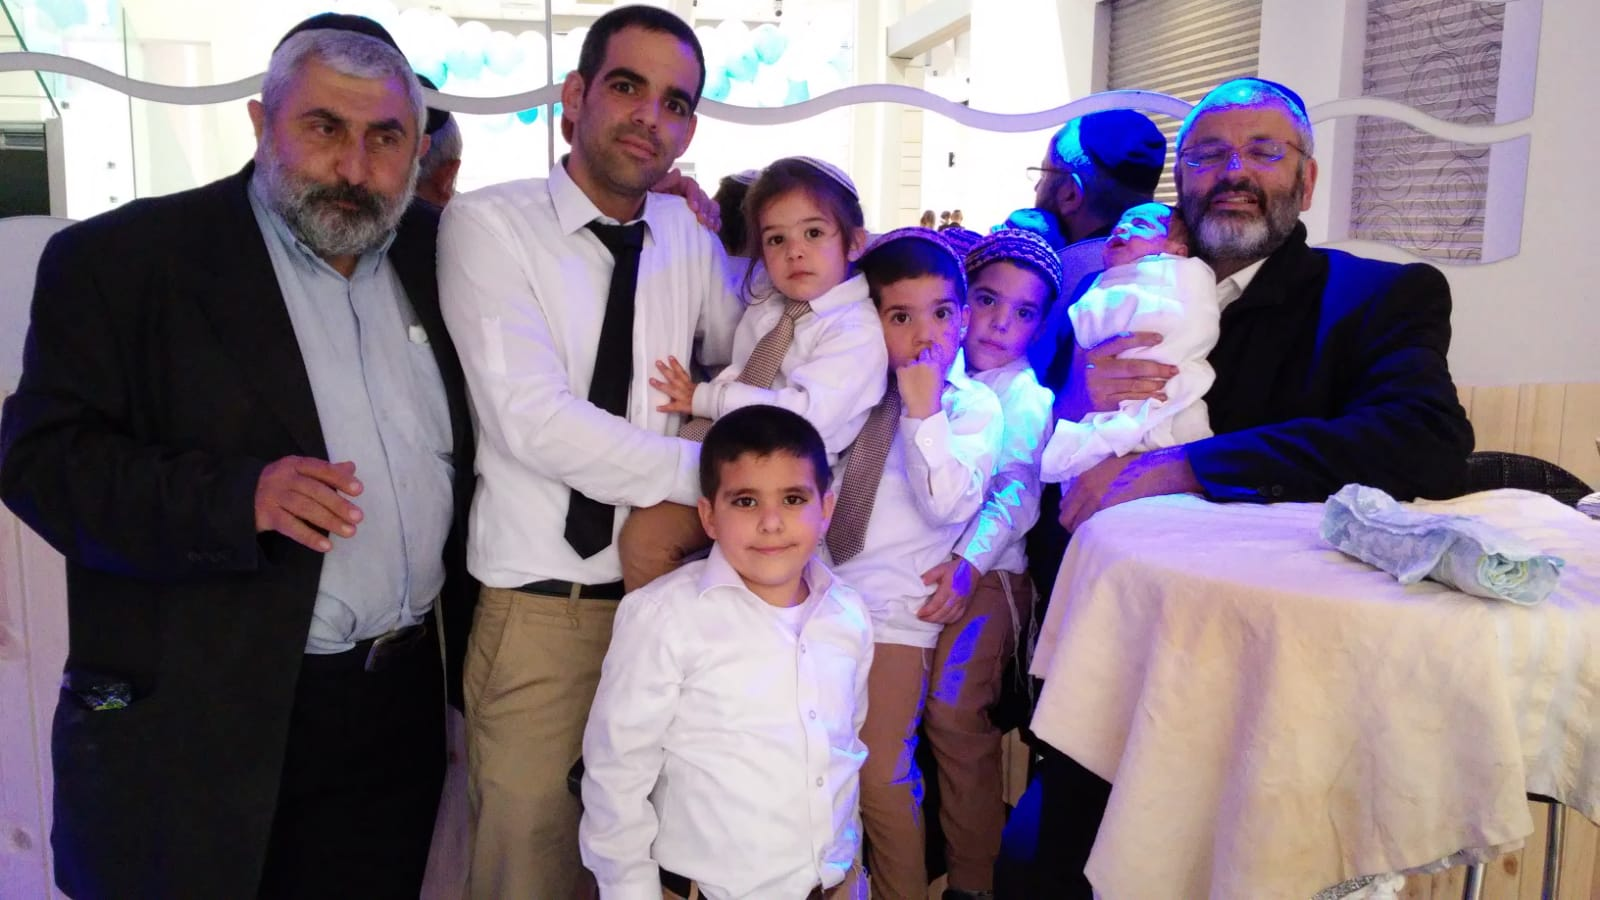 משפחה שהמוהל אברהם סילם מל את כל הבנים